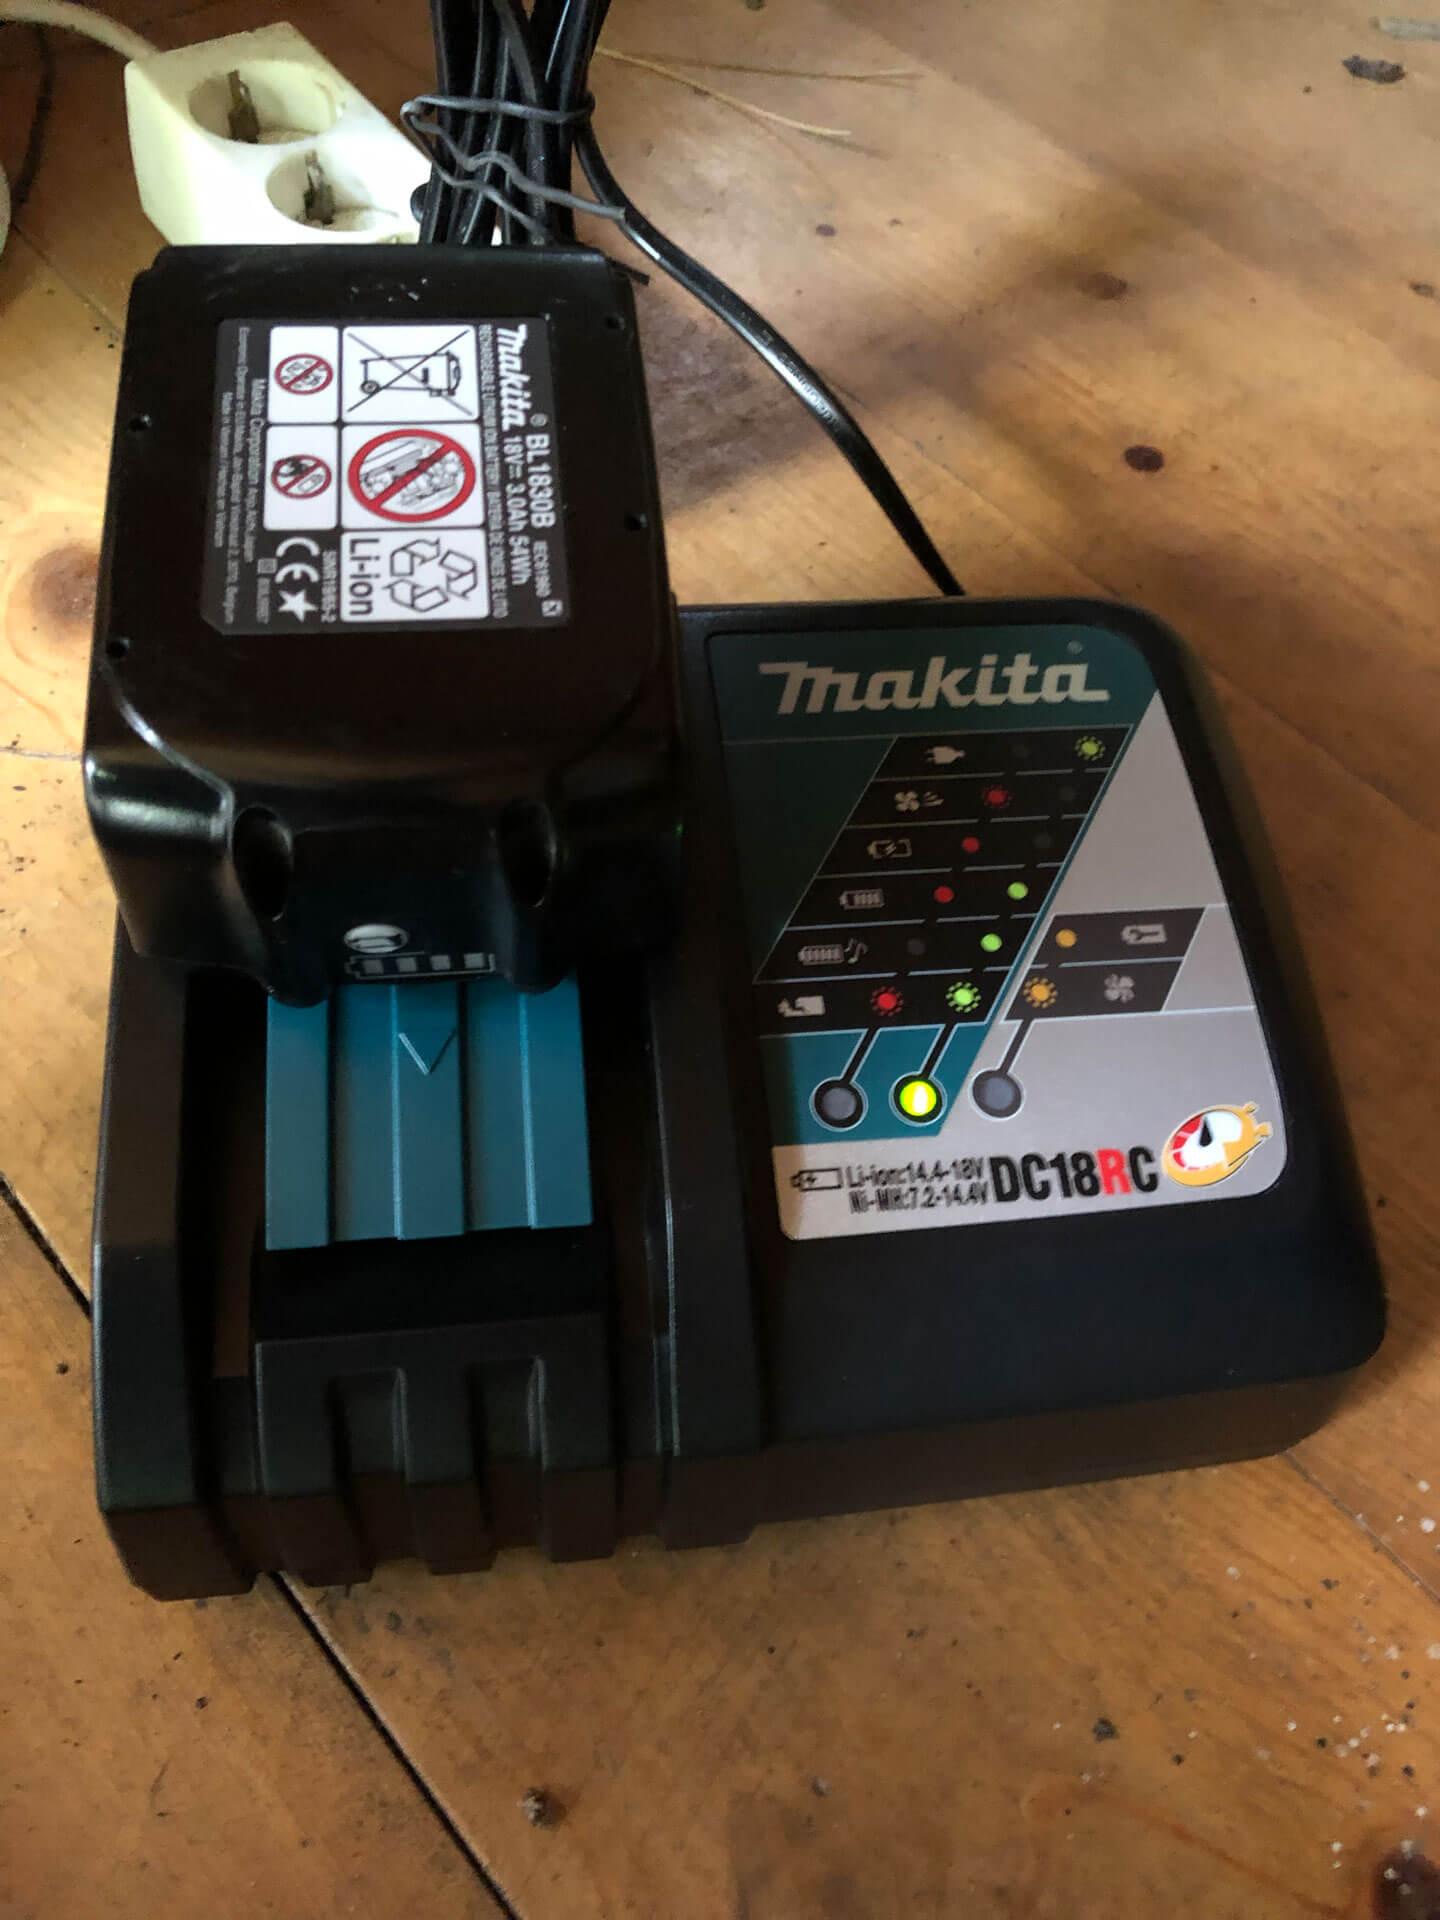 Detailaufnahme_Ladegerät_Makita Produkttest: Makita Akku-Exzenterschleifer